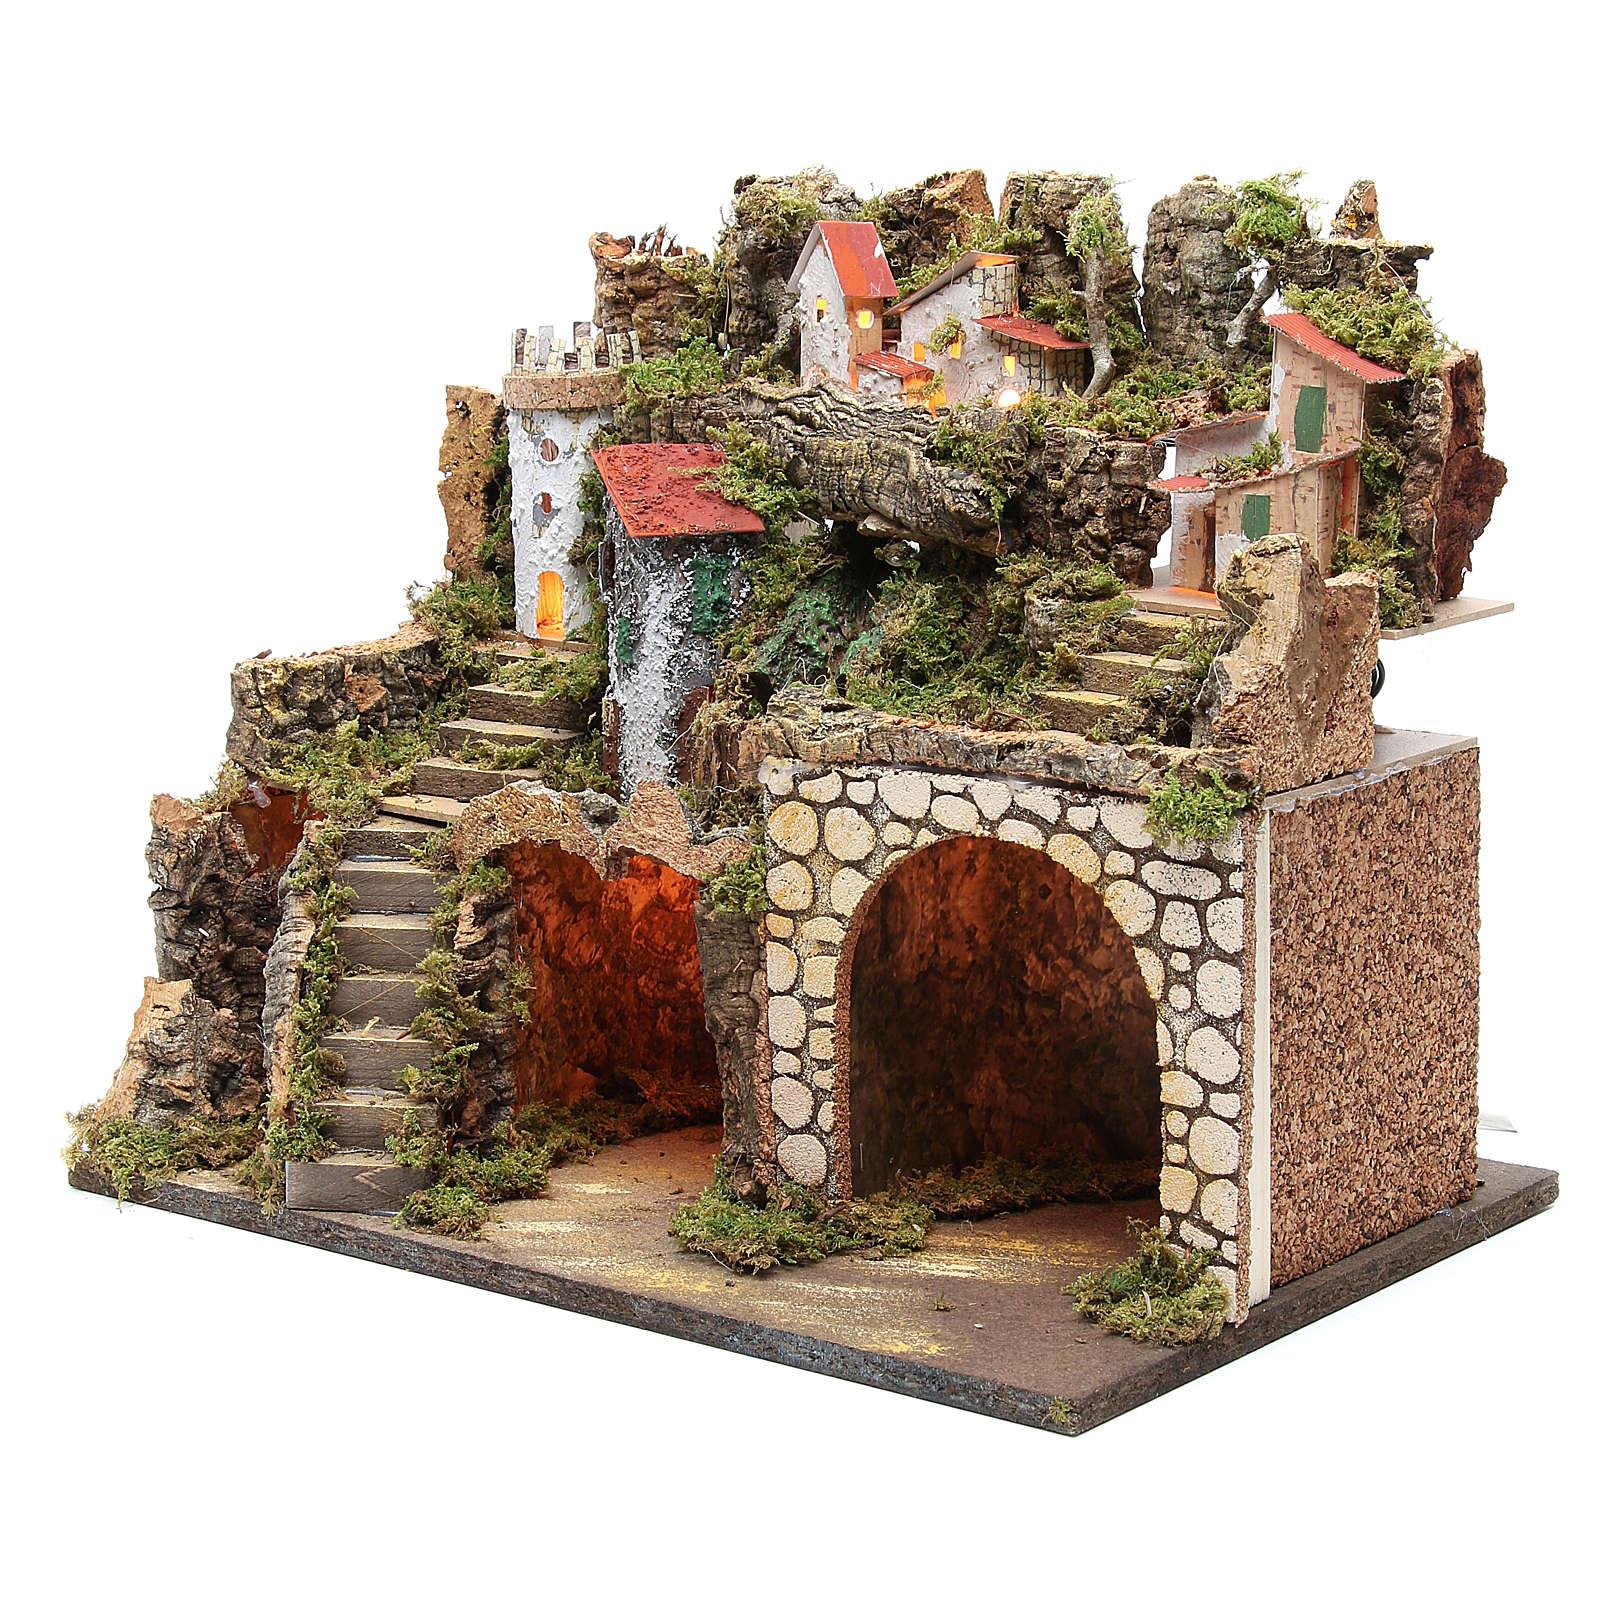 Capanna presepe con borgo 37x45x30 cm luci e cascata 4